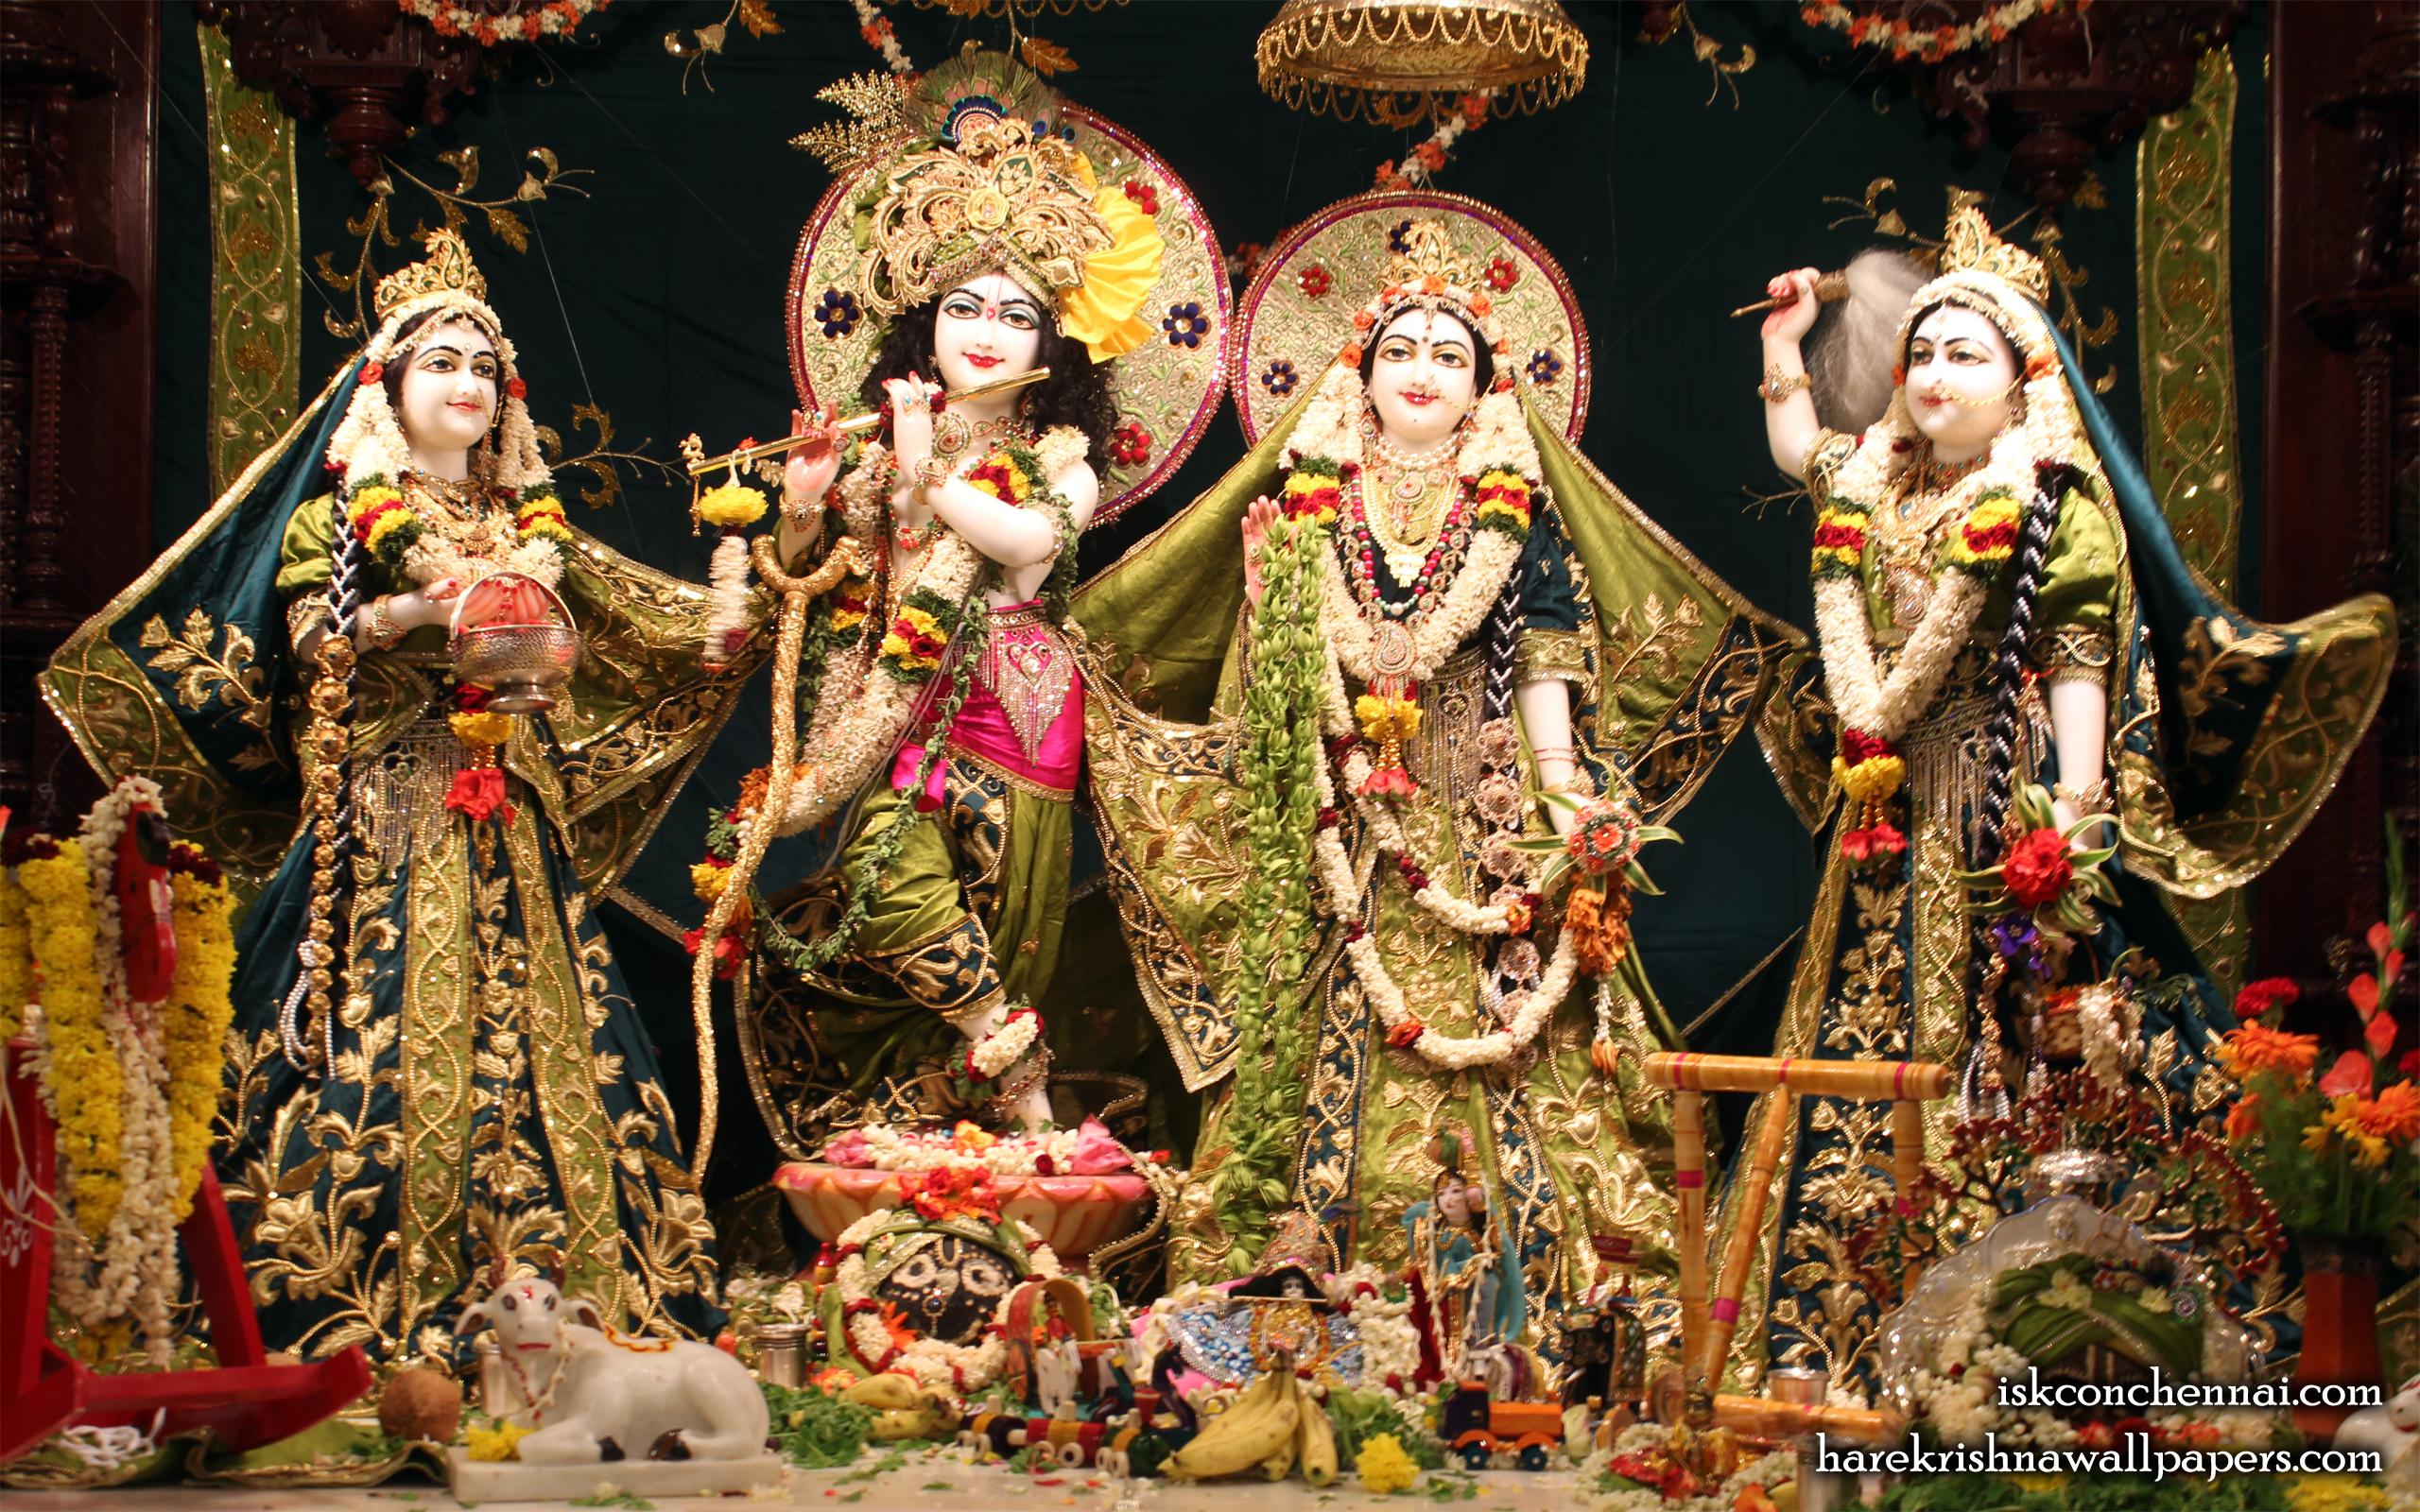 Sri Sri Radha Krishna Lalita Vishakha Wallpaper (001) Size 2560x1600 Download